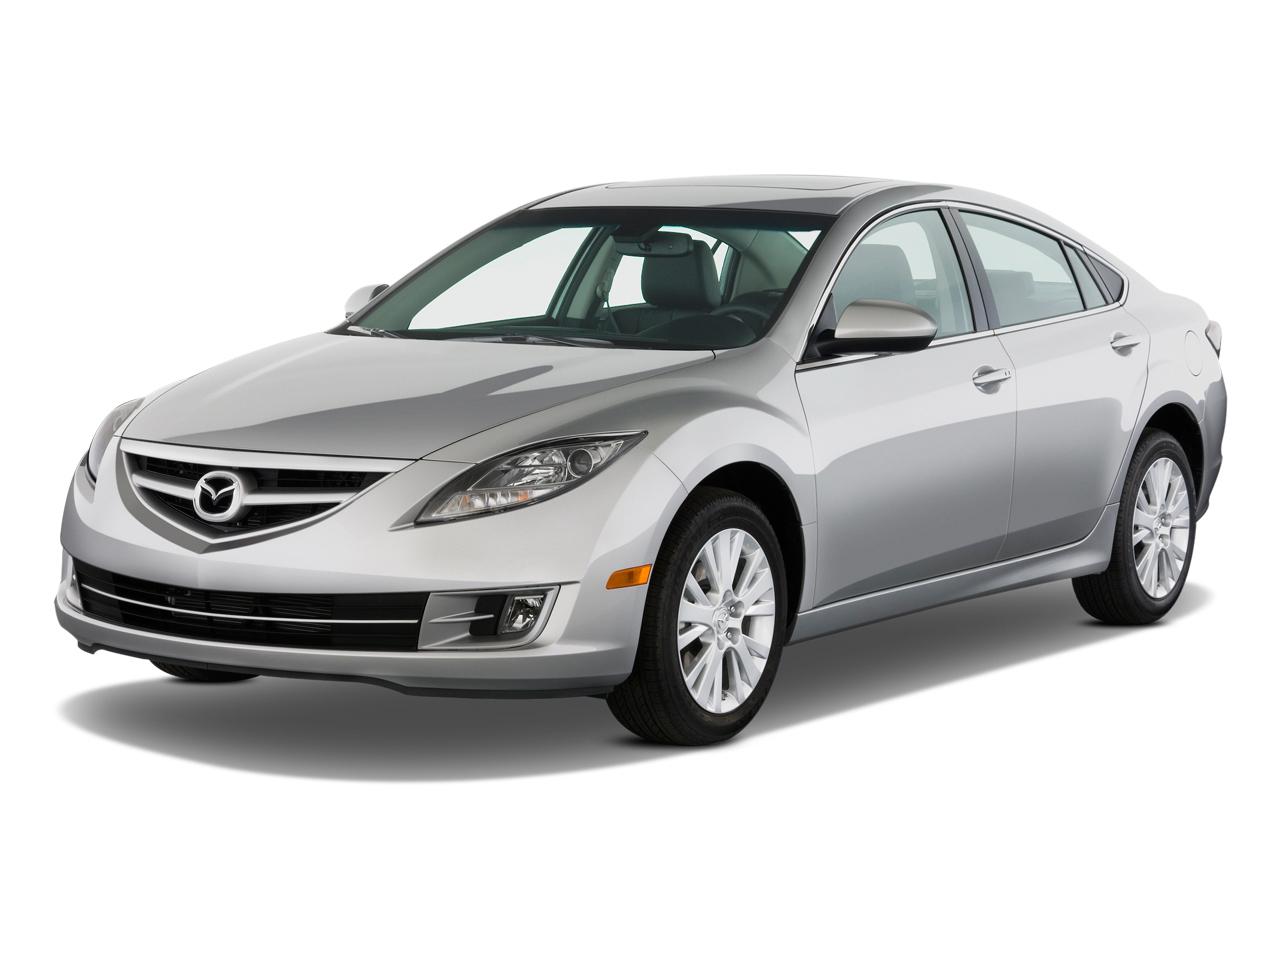 Kelebihan Mazda 6 2011 Review